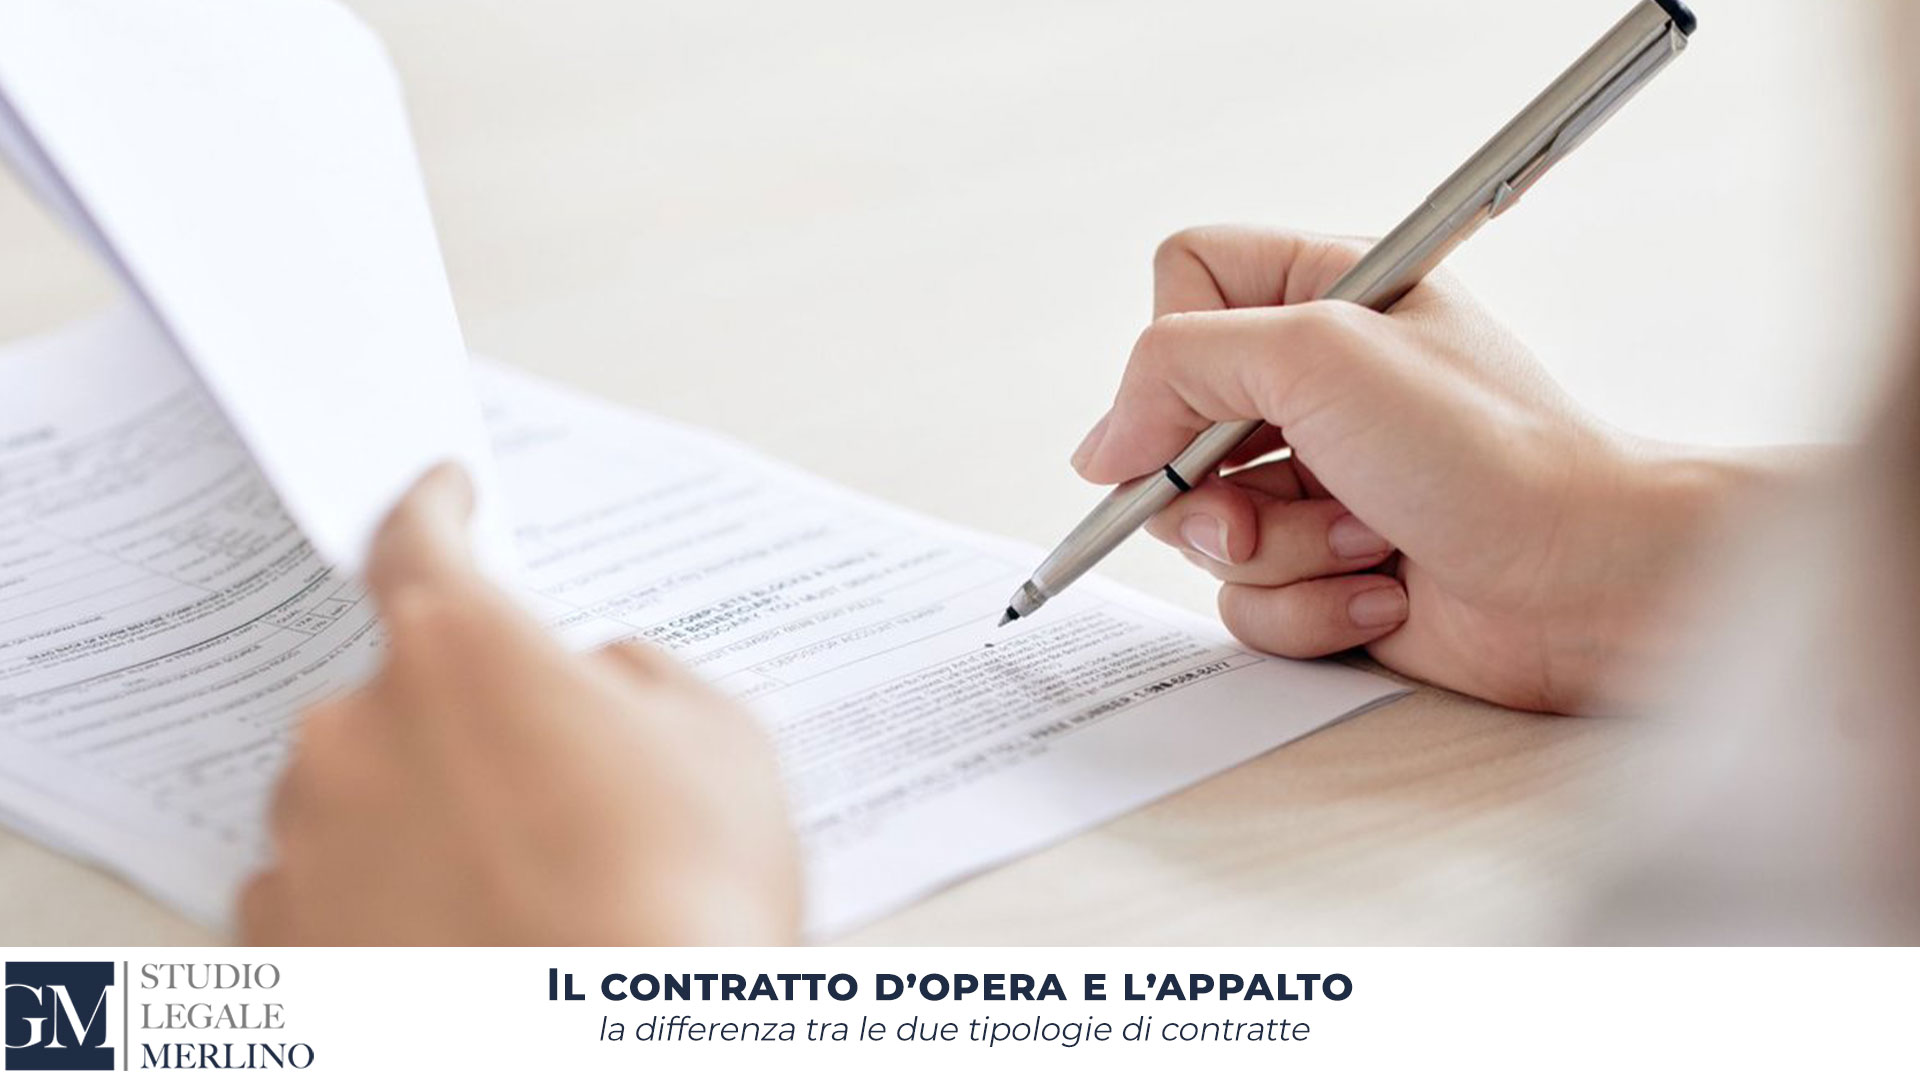 Il contratto d'opera e l'appalto